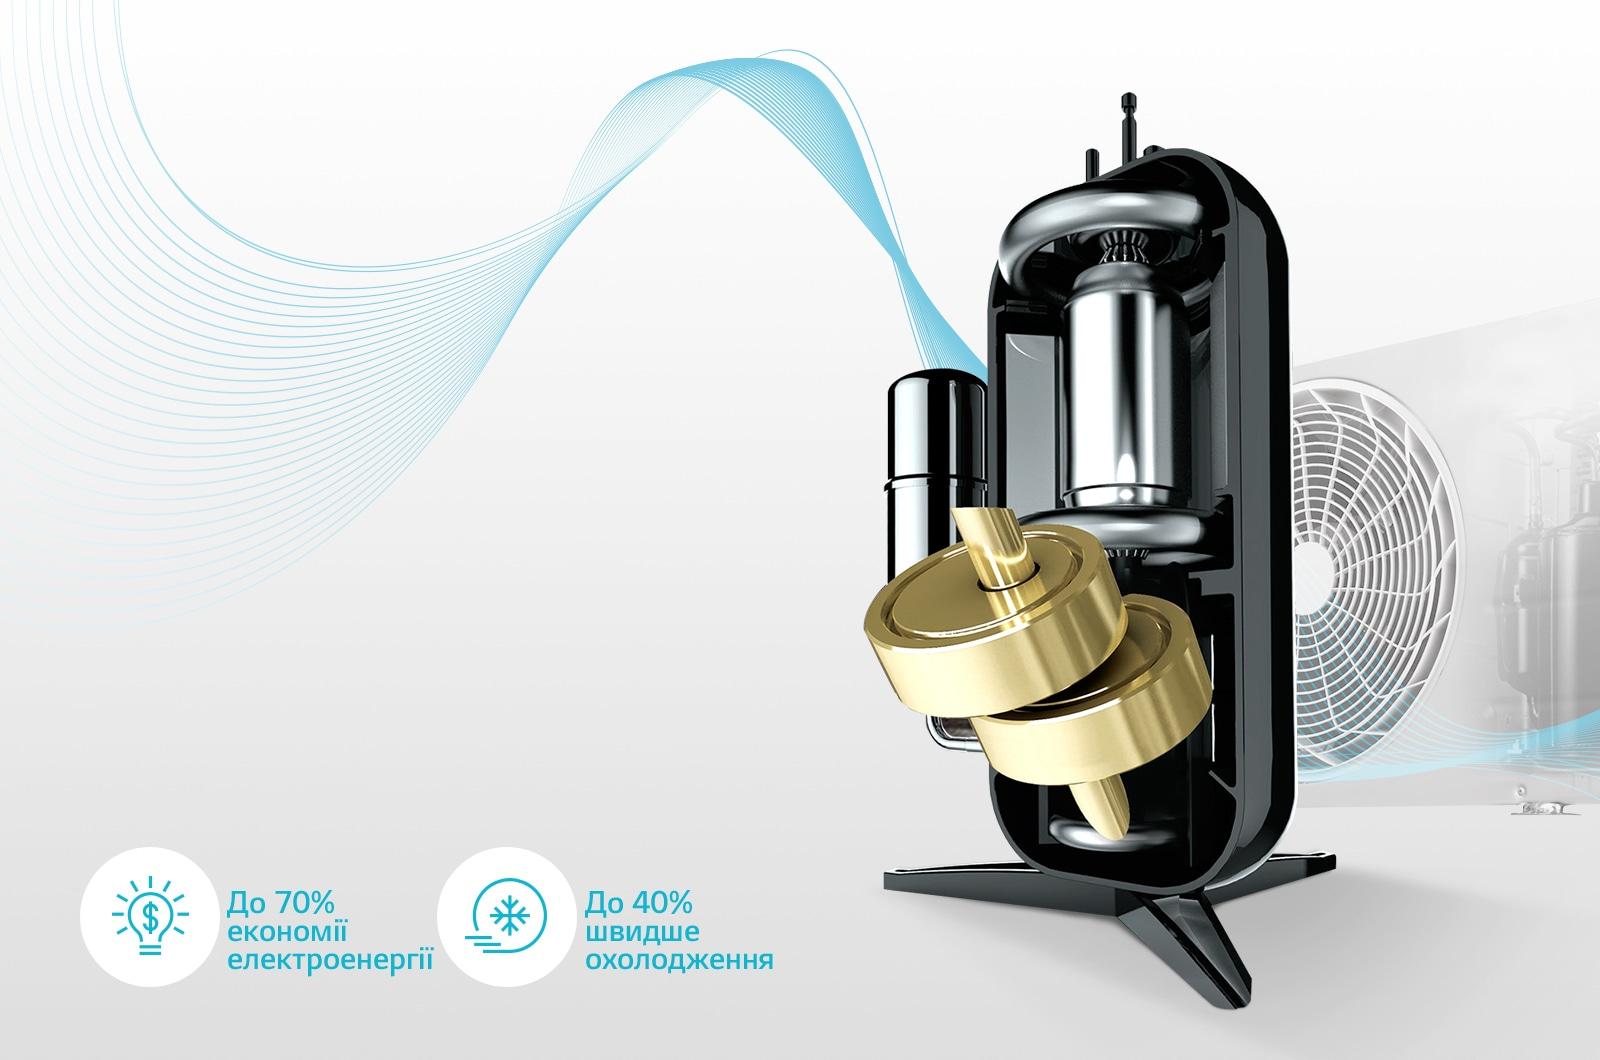 Dual Inverter Compressor™ з гарантією 10 років1